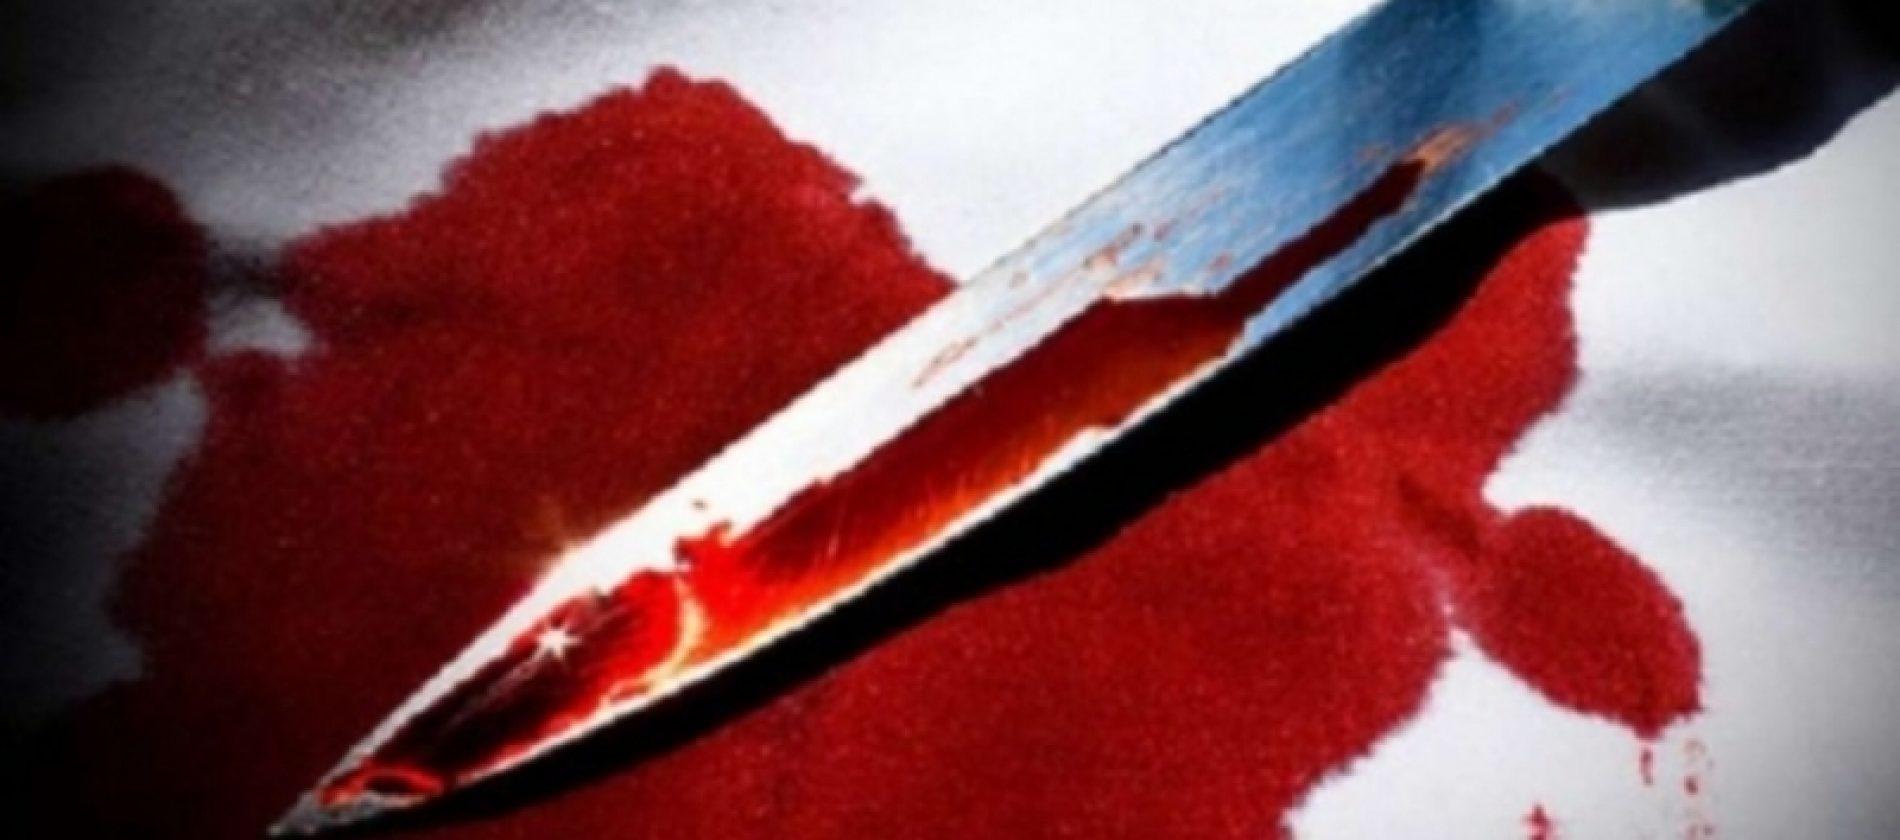 Tentativa de Homicídio! Educadora é presa depois de desferir duas facadas próximas ao coração do amásio